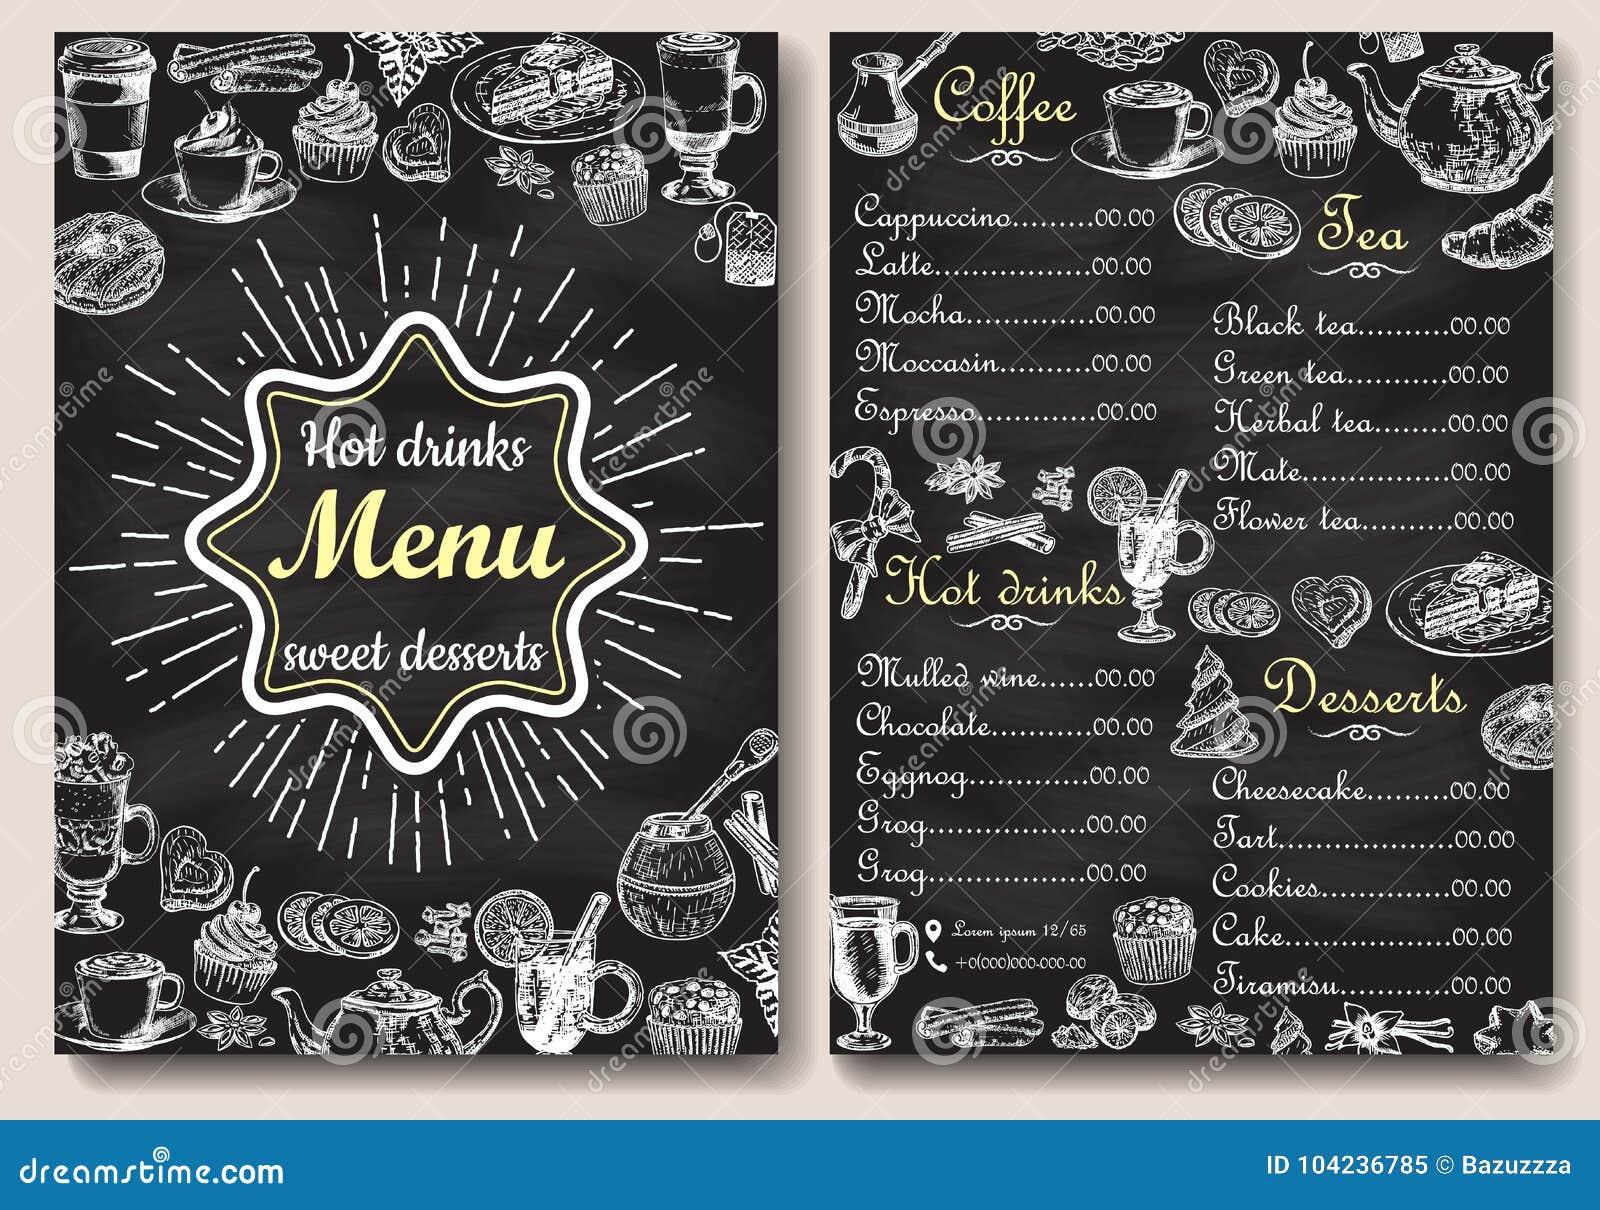 Diseño Caliente Del Menú De Las Bebidas Del Restaurante Con El Fondo ...